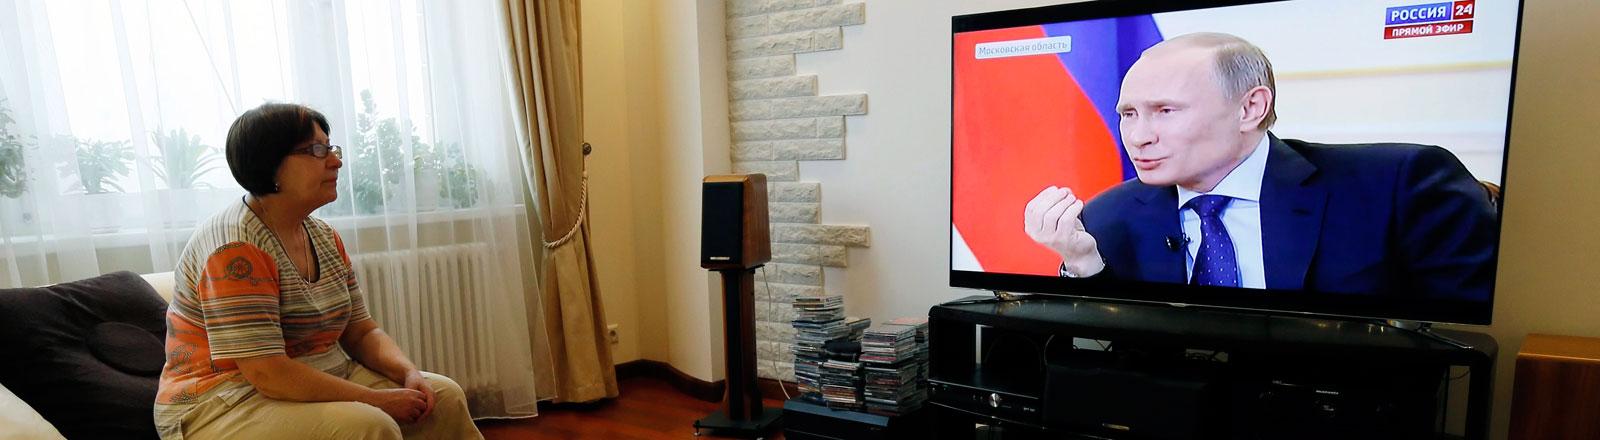 Eine Frau schaut auf einen Fernseher, auf dem Präsident Putin zu erkennen ist.